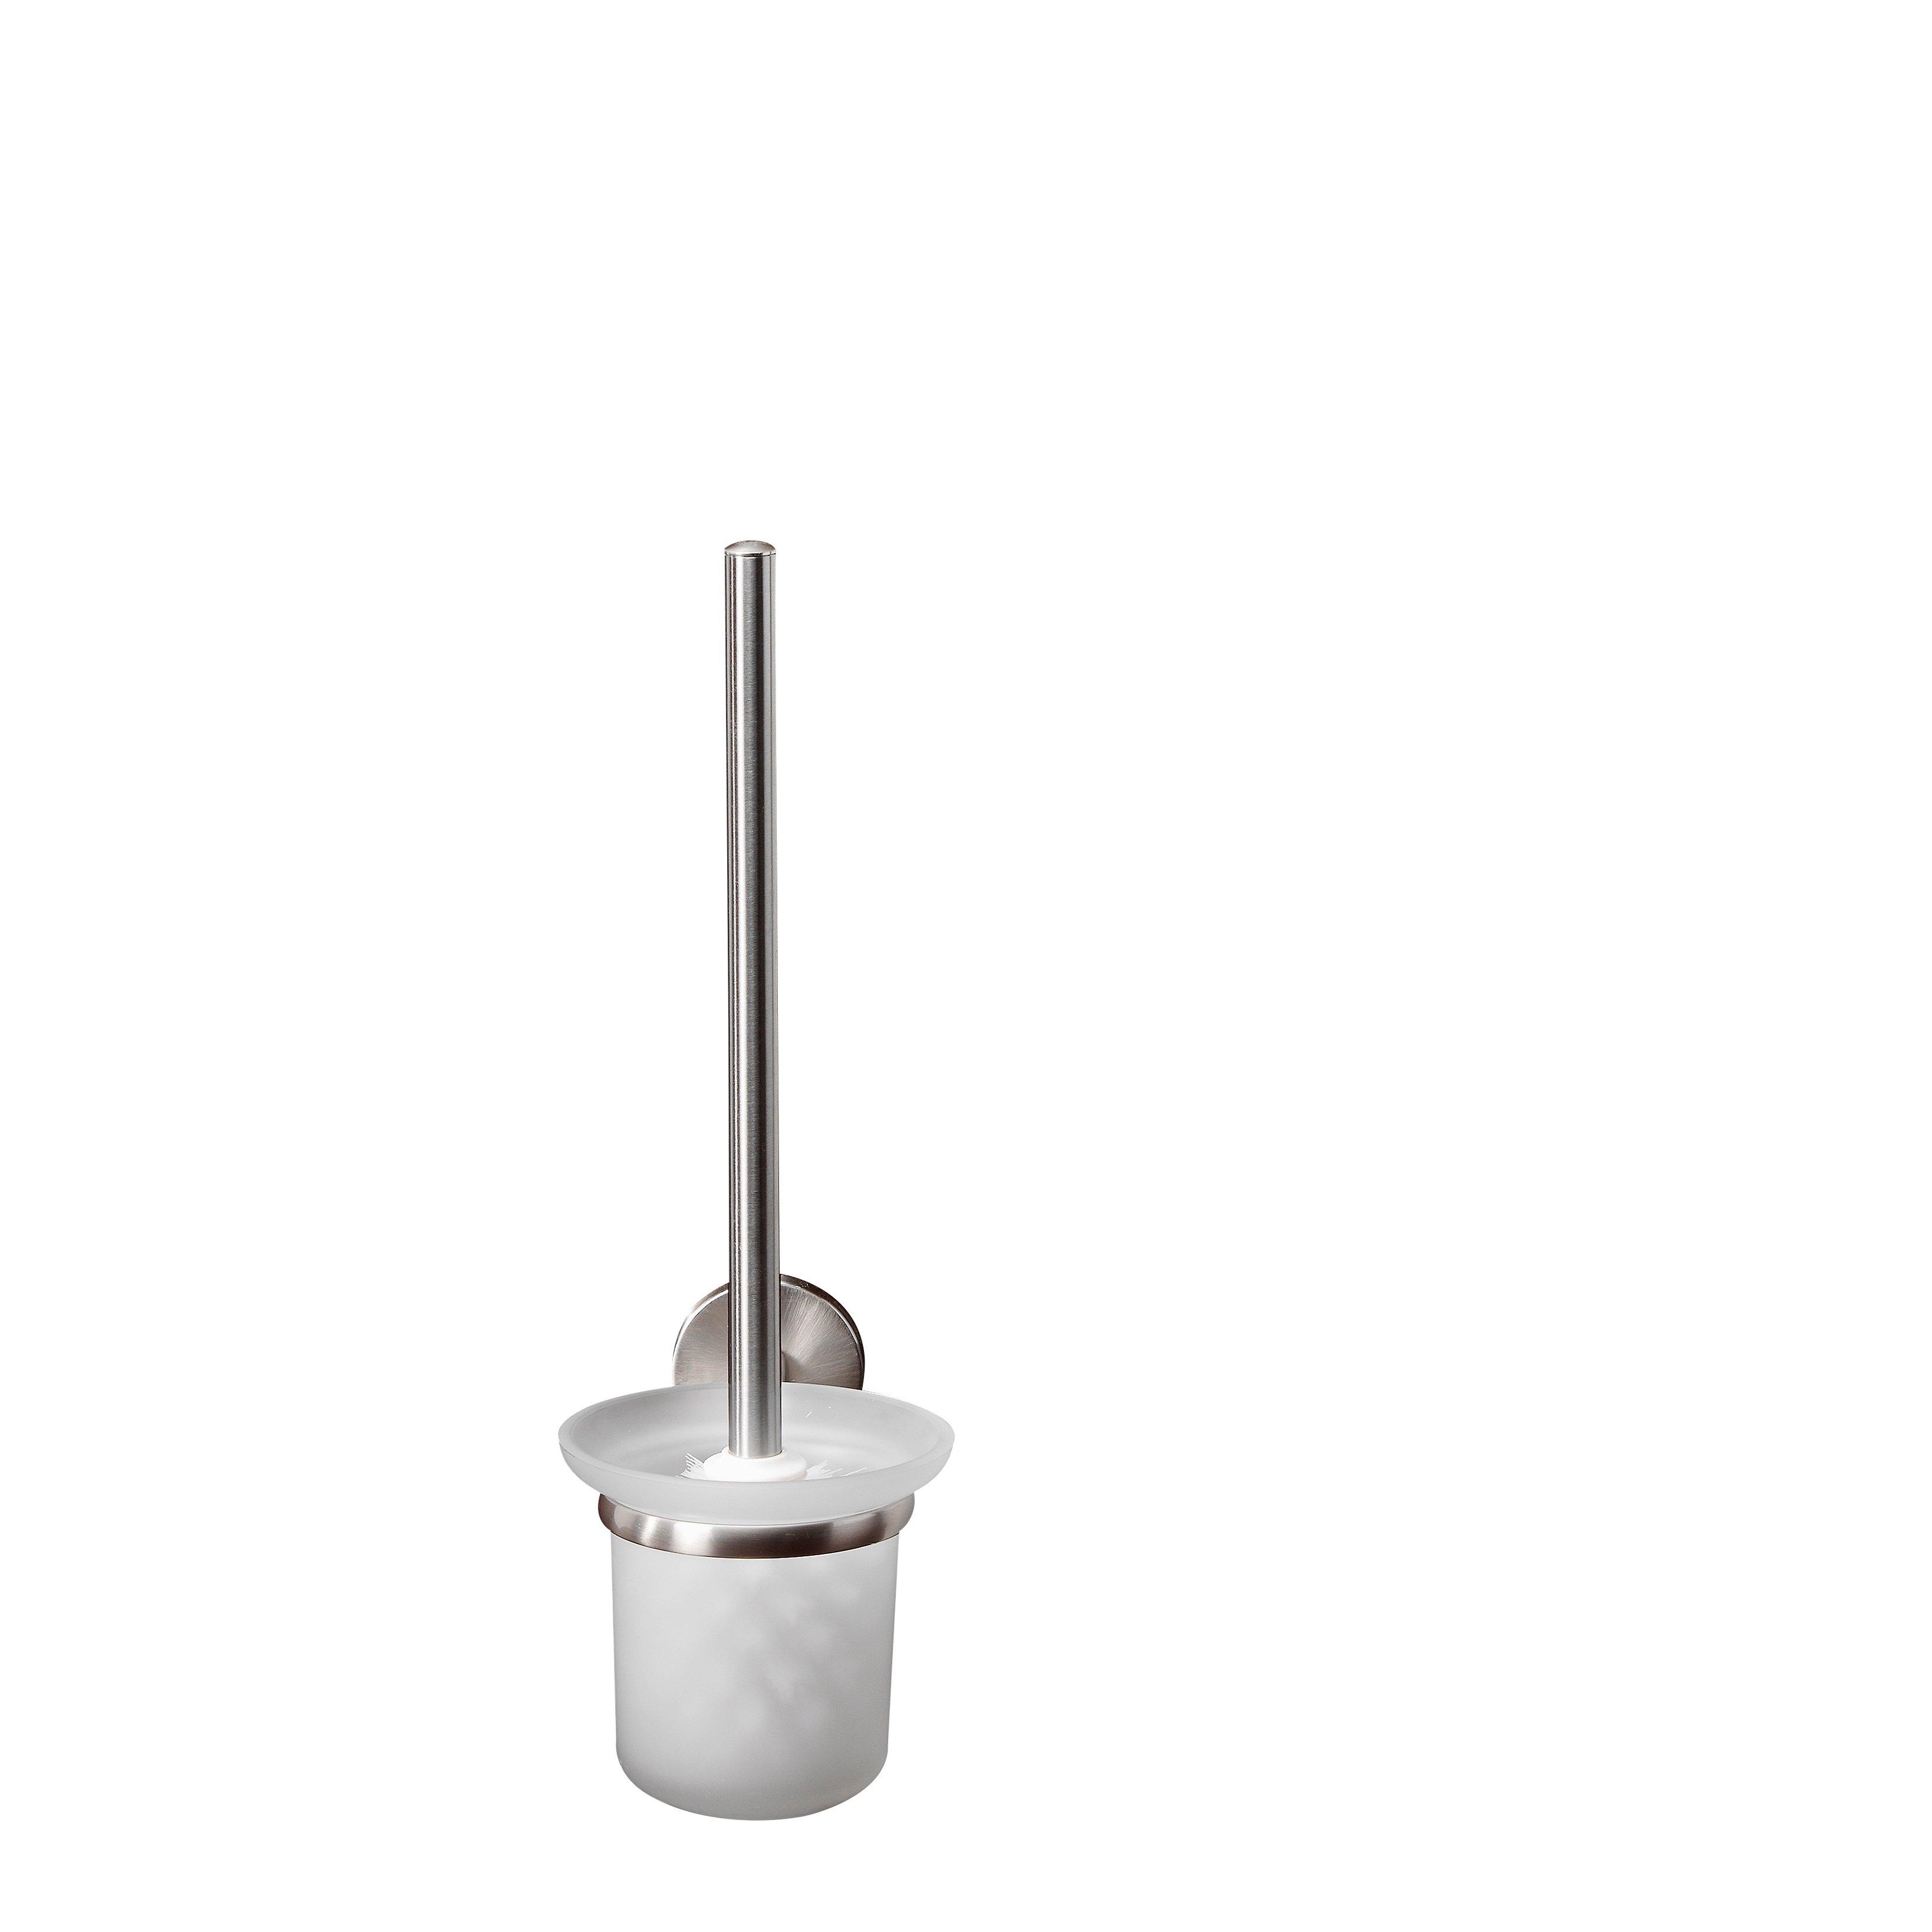 FACKELMANN toiletset »Mare« bij OTTO online kopen